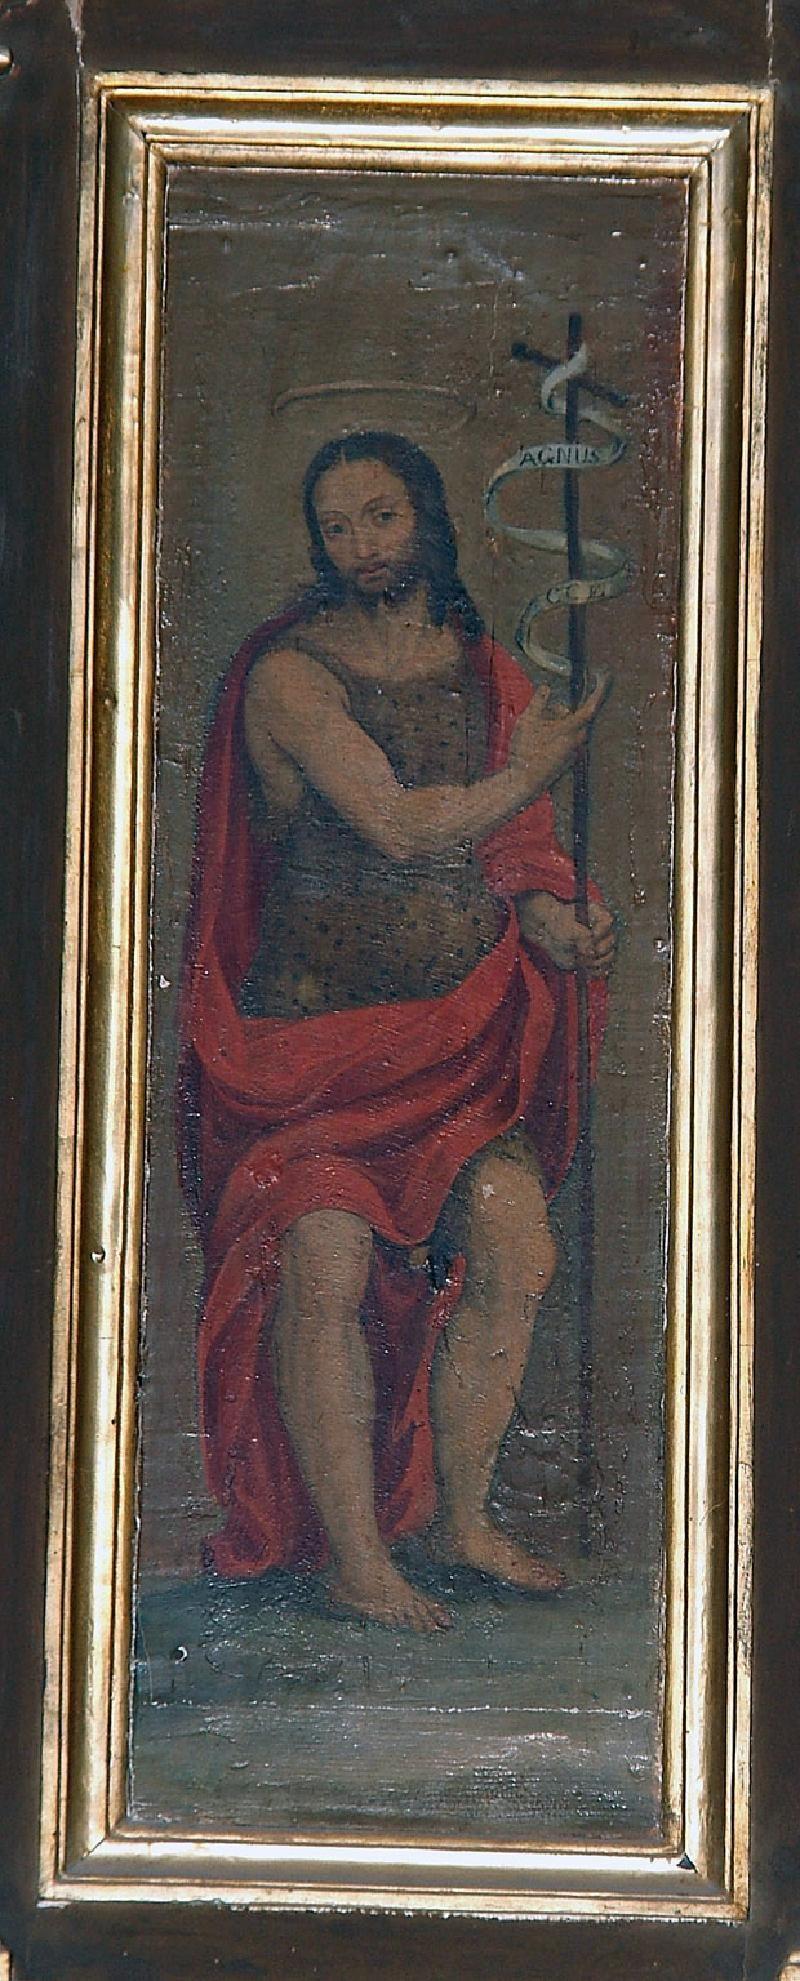 Nucci Benedetto e Baldinacci Pietro Paolo - San Giovanni Battista - 1549-1550 - Museo diocesano di Gubbio